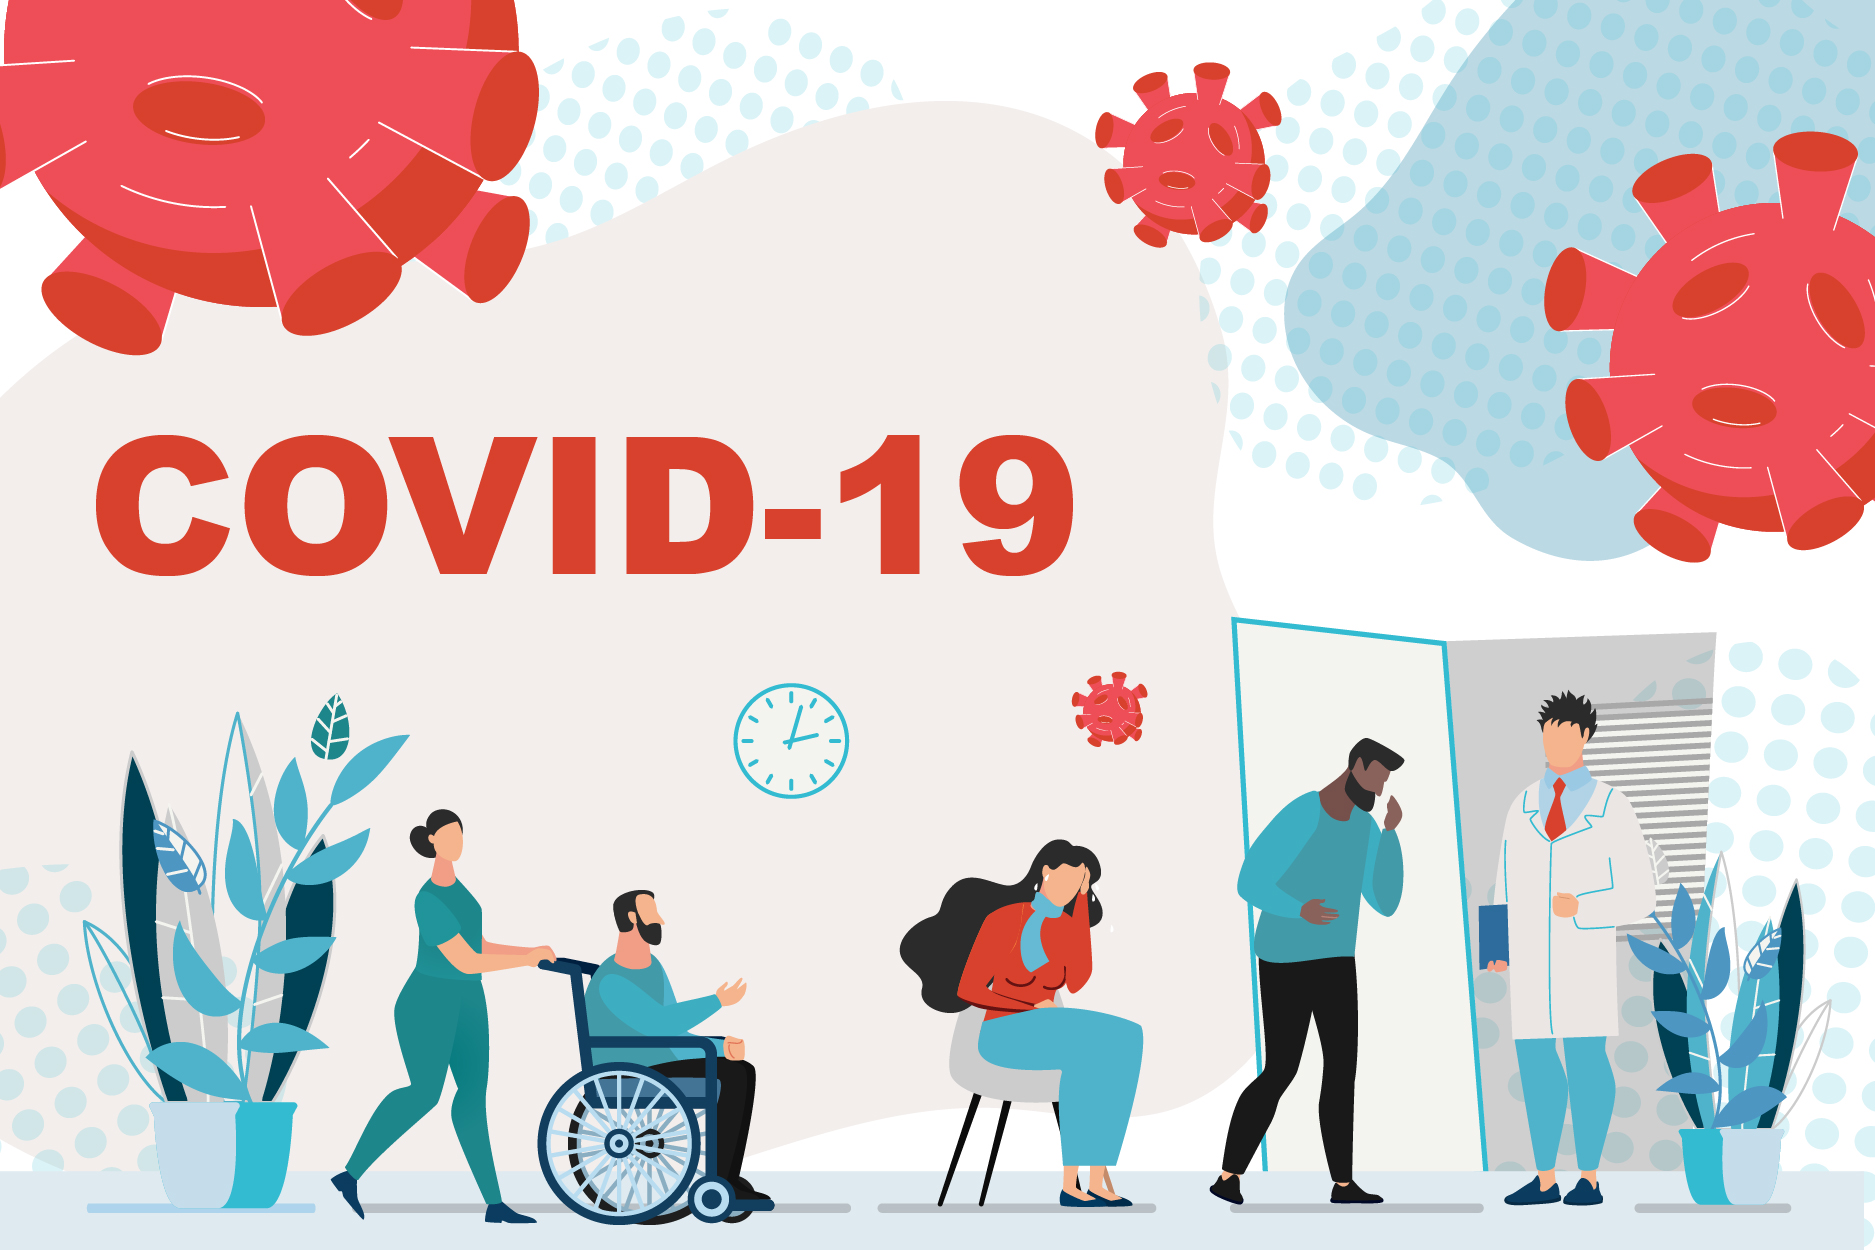 Curso 1 - Abordagem MULTIPROFISSIONAL ao Enfrentamento do novo Coronavírus: COVID-19 no Ambiente Hospitalar